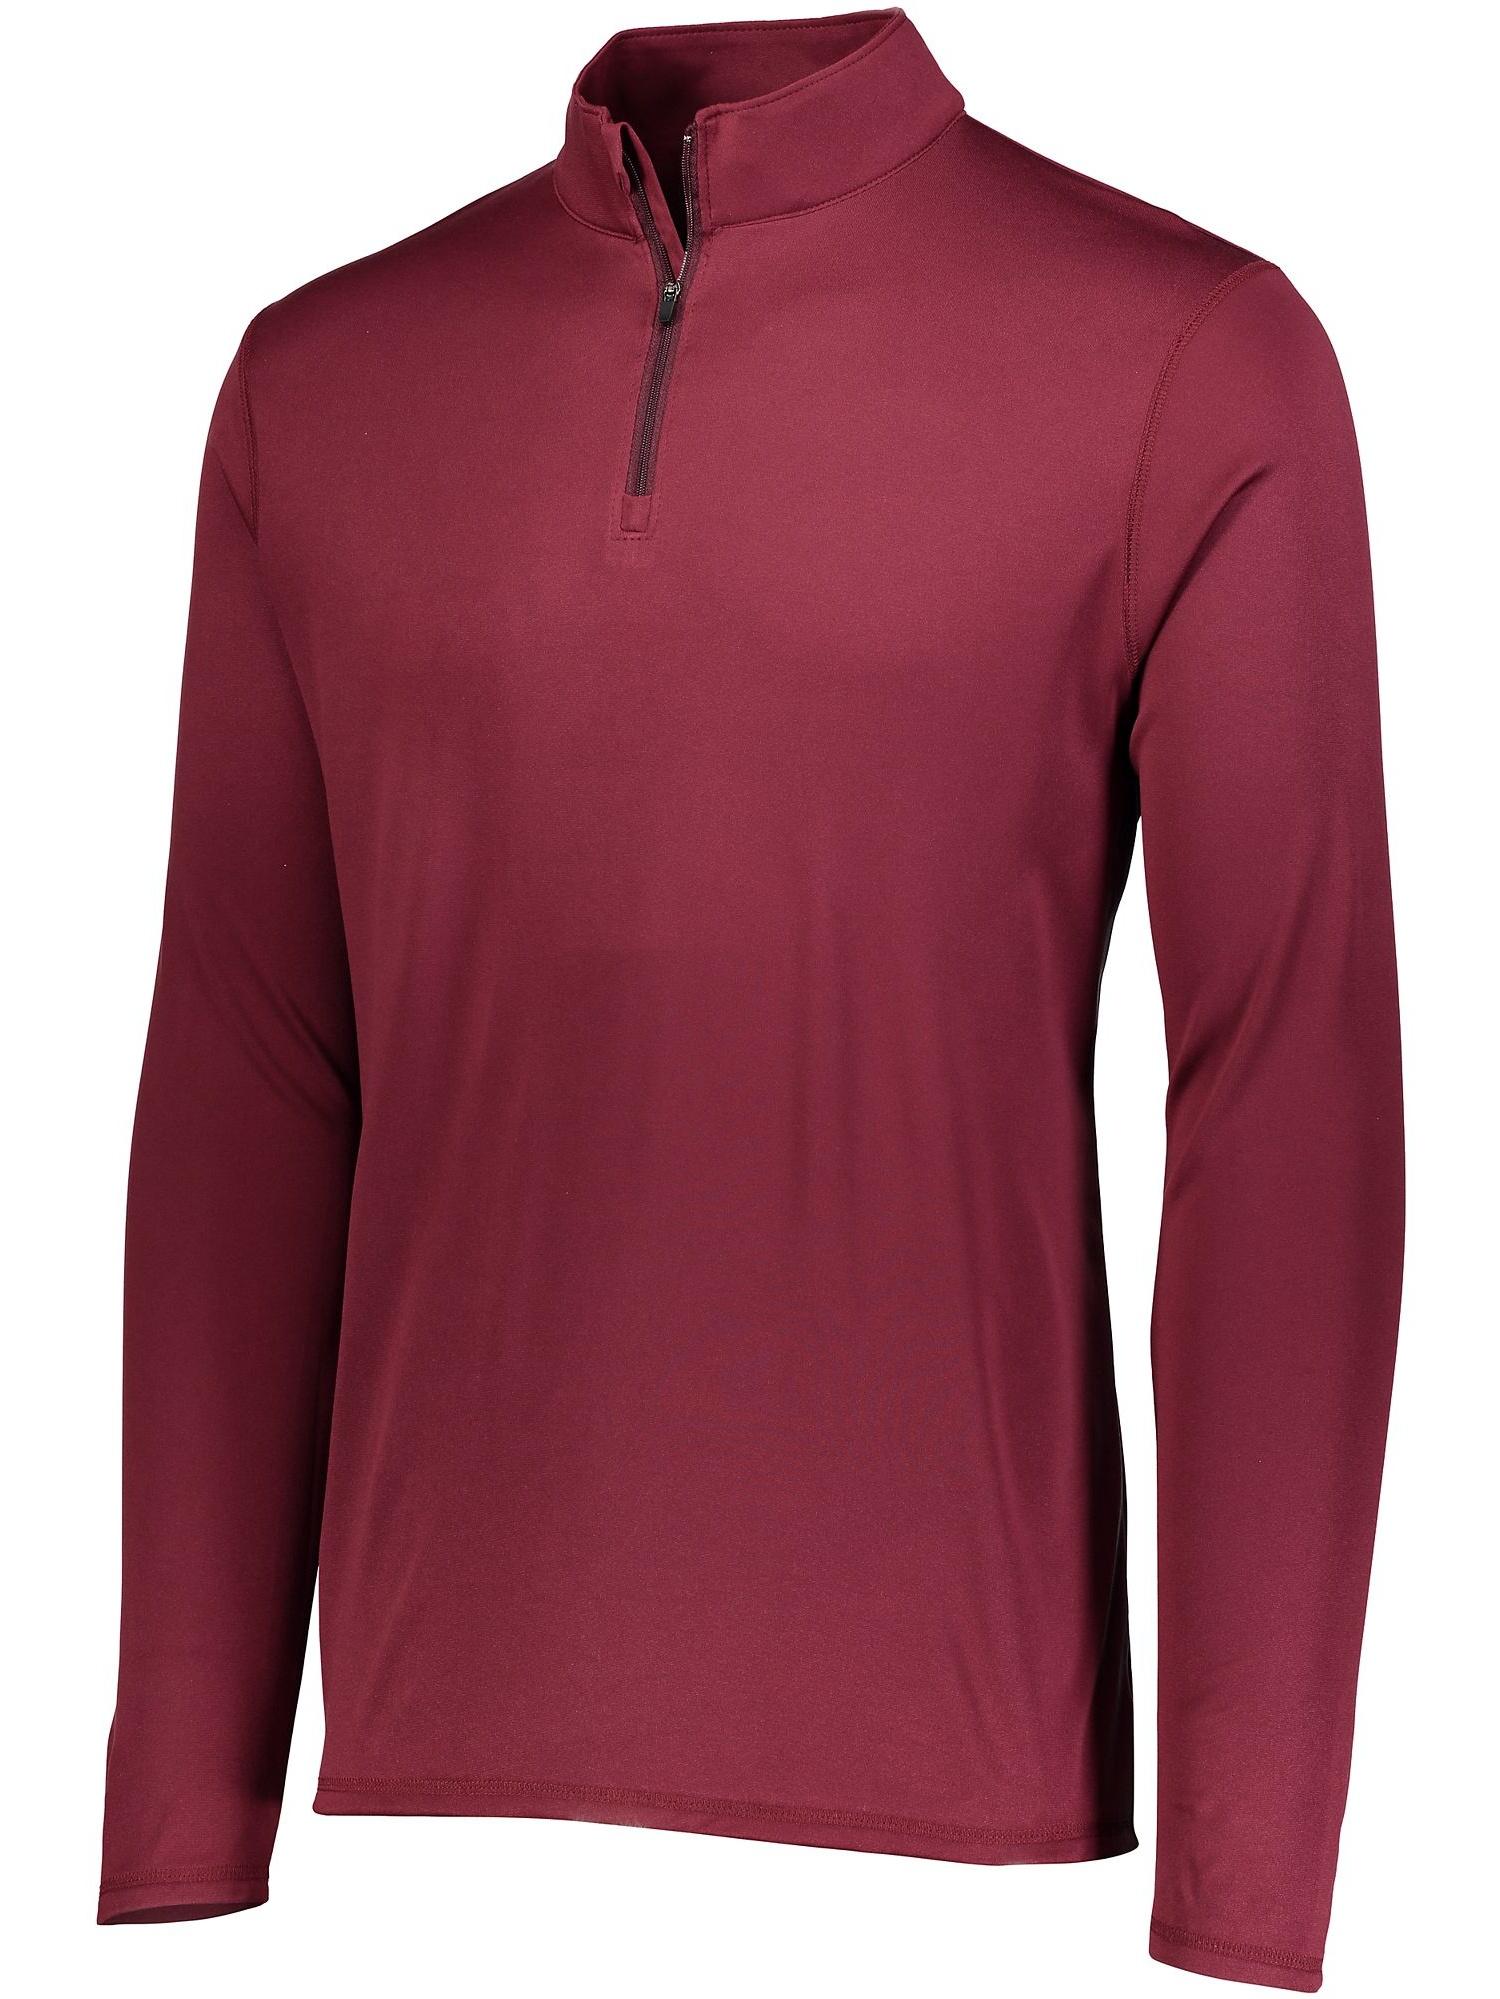 Augusta Sportswear Men's Attain 1/4 Zip Pullover 2785